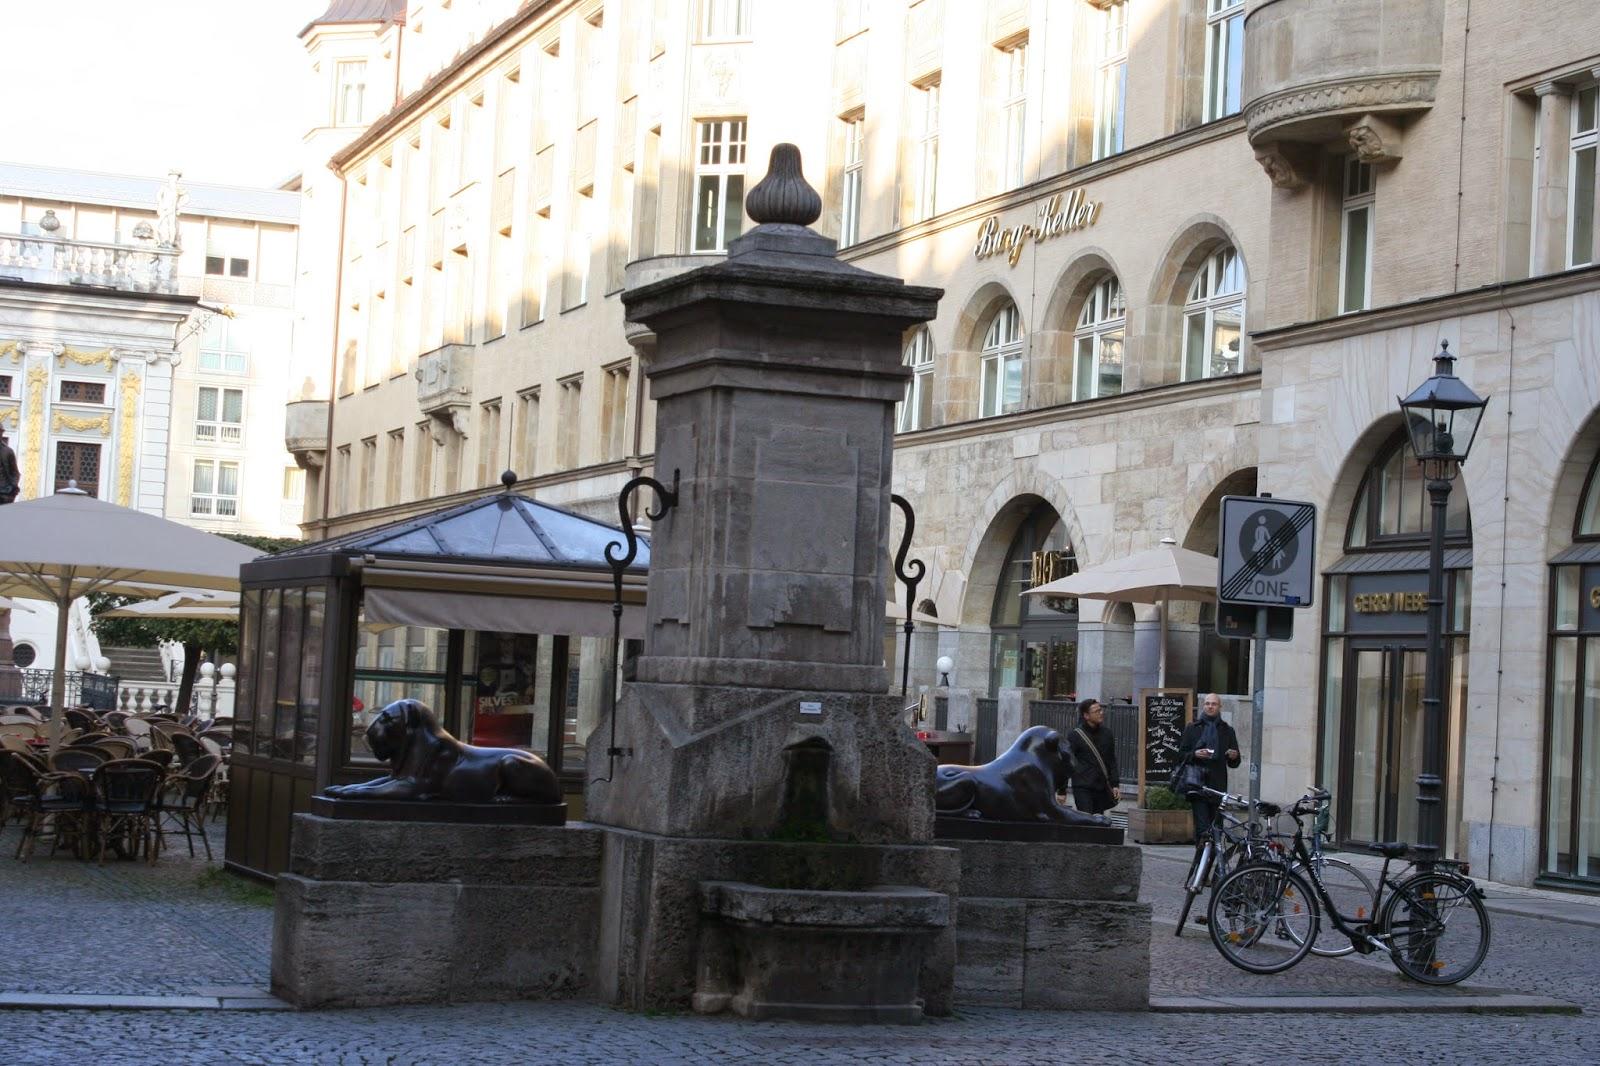 Der älteste noch funktionierende Brunnen  - Löwenbrunnen am Naschmarkt